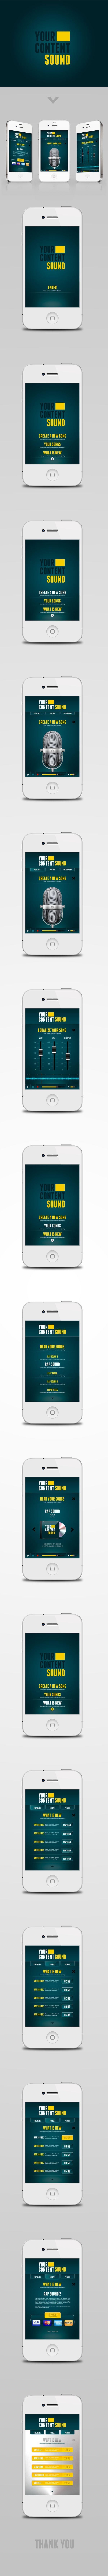 Your CONTENT Sound by João Alberto, via Behance